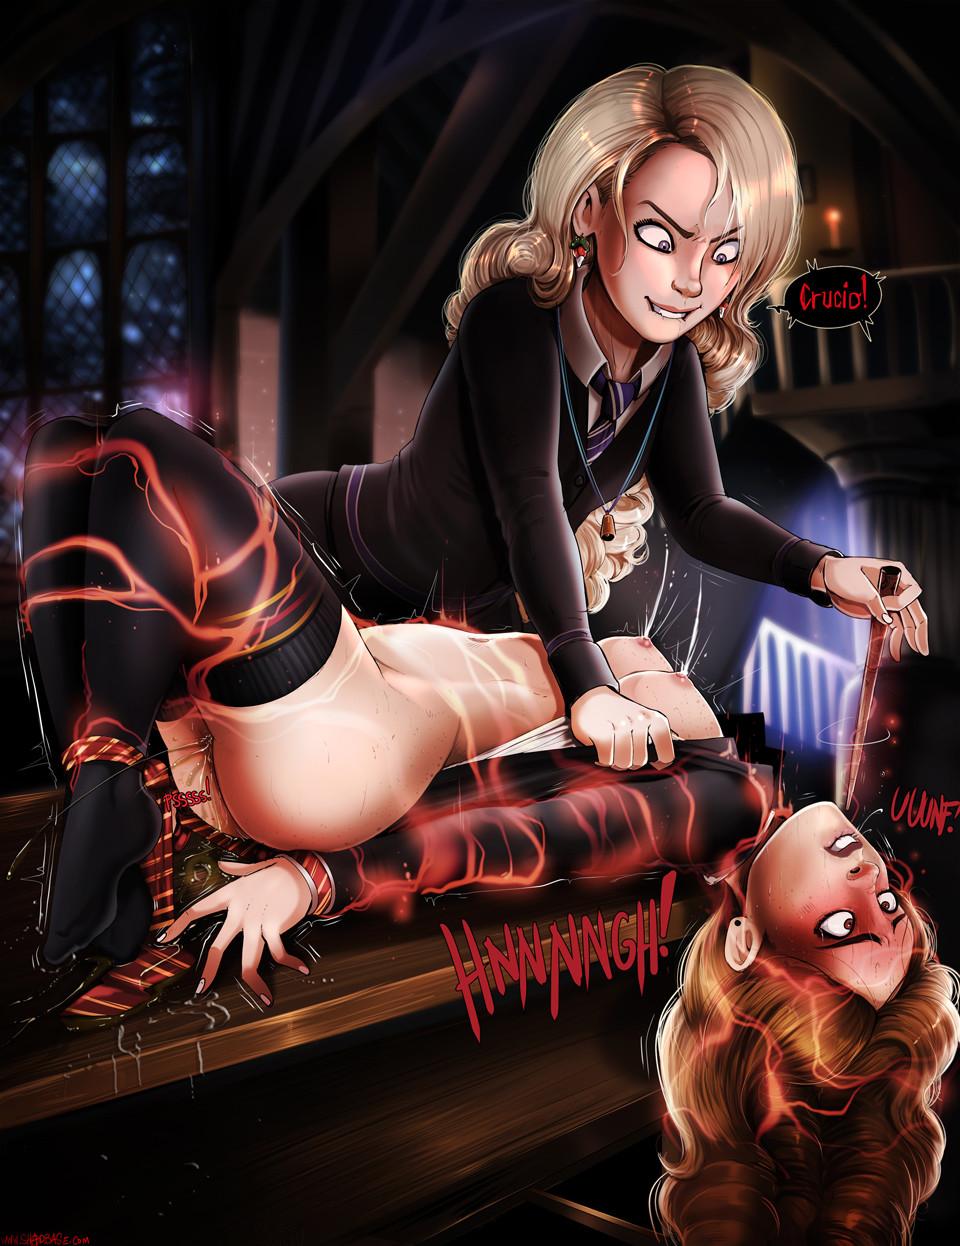 Porn pics of Best of Hermione Granger Page 1 - ImageFap